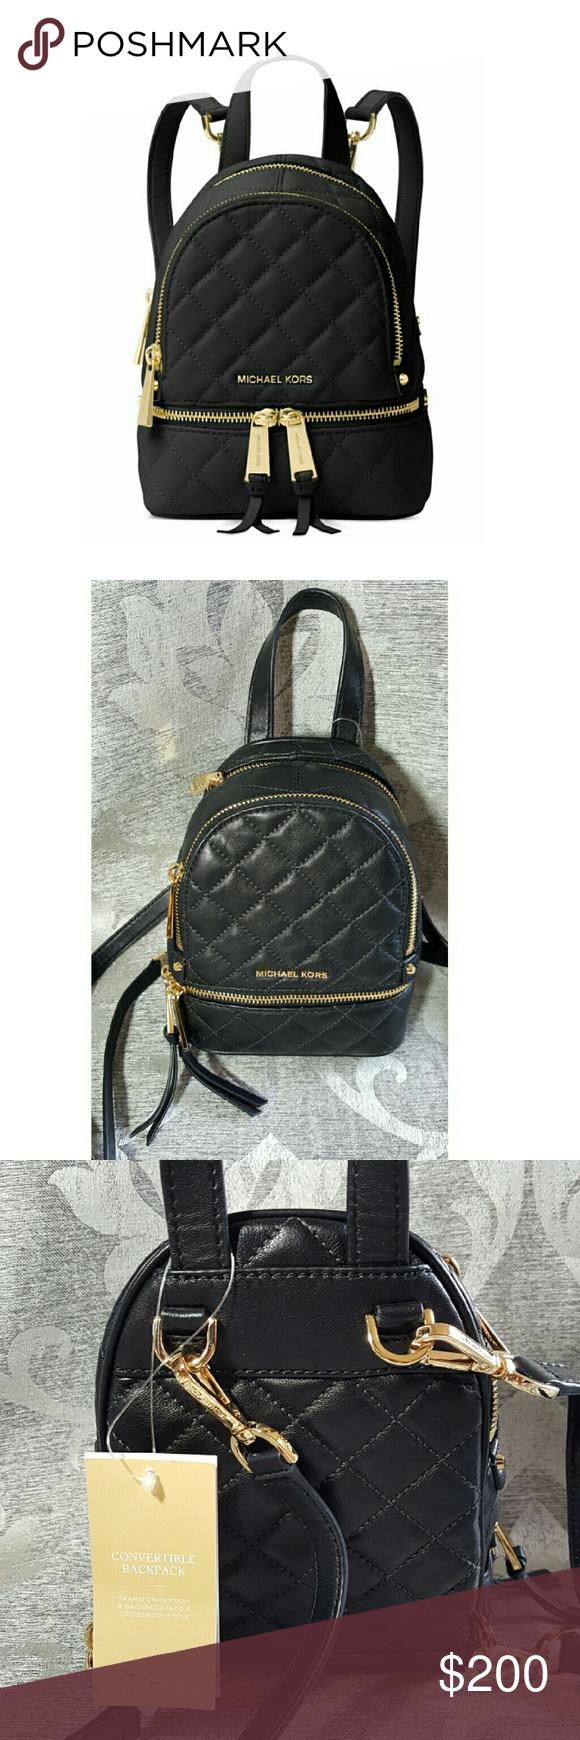 16f17cd18b1d Michael Kors Rhea Mini Backpack NEW Michael Kors Rhea Zip Mini Messenger  Backpack in Black!